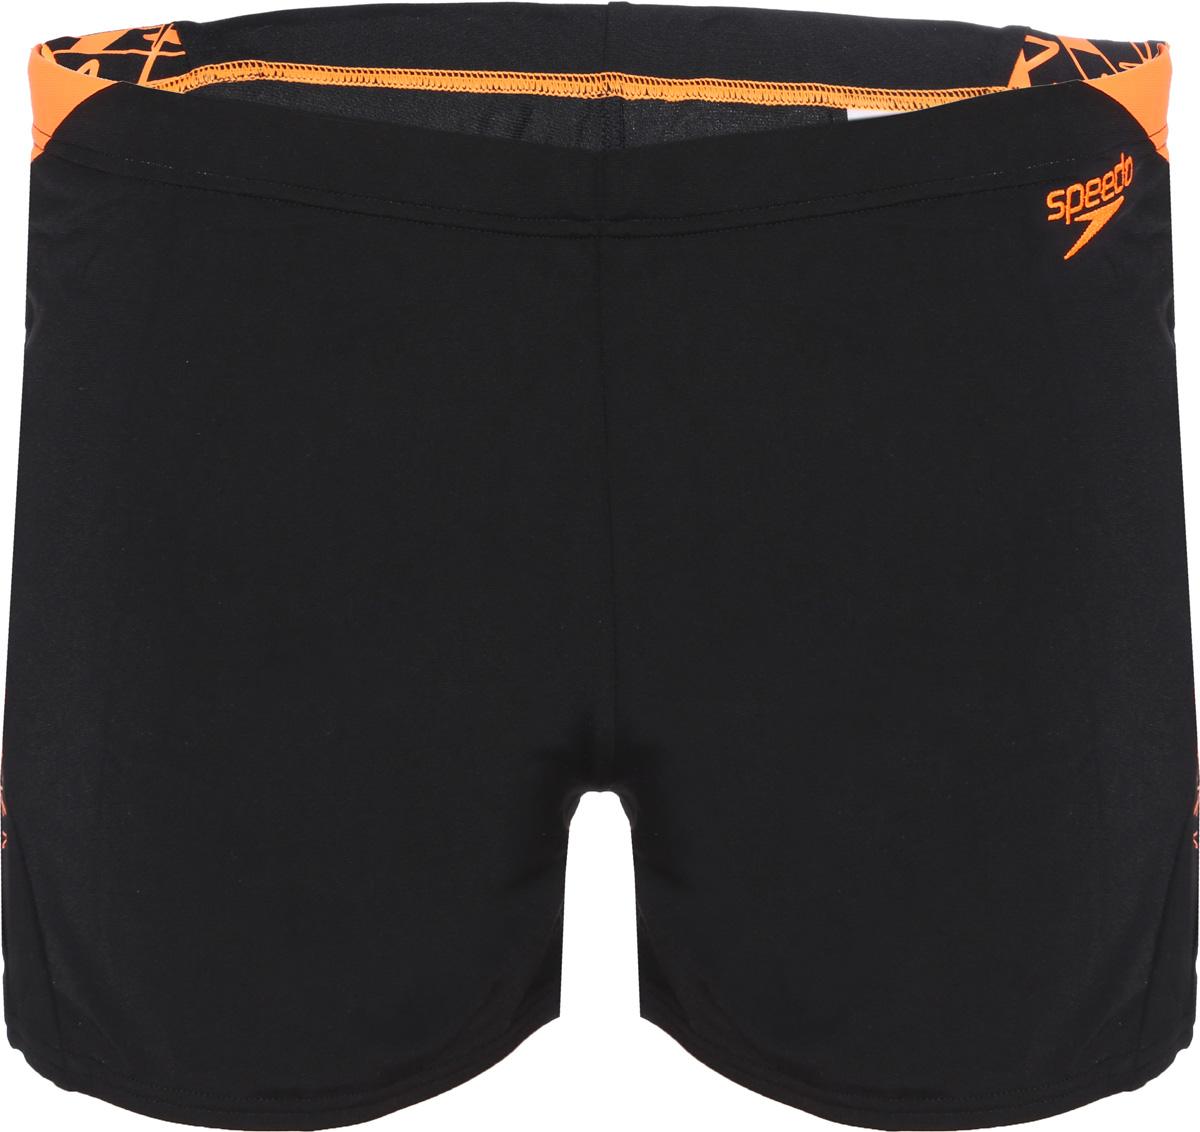 Плавки мужские Speedo Boom Spl Asht Am, цвет: черный, оранжевый. 8-10855C290-C290. Размер 38 (48/50)8-10855C290-C290Спортивные плавки-шорты от Speedo с принтованными вставками, выполнены из ткани Endurance+, которая не содержит в своем составе эластомеров, тем самым являясь устойчивой к разрушительному воздействию хлора. Ткань тянется в четырех направлениях, что обеспечивает точность посадки и повышенный комфорт. Талия регулируется и обеспечивает дополнительную гарантию отличной посадки на фигуре. Длина бокового шва - 27 см. За счет технологичного материала модель поглощает меньше воды, поэтому она быстрее сохнет и дольше сохраняет свою форму. Ткань с фактором защиты от ультрафиолета UPF 50 блокирует вредное солнечное излучение.